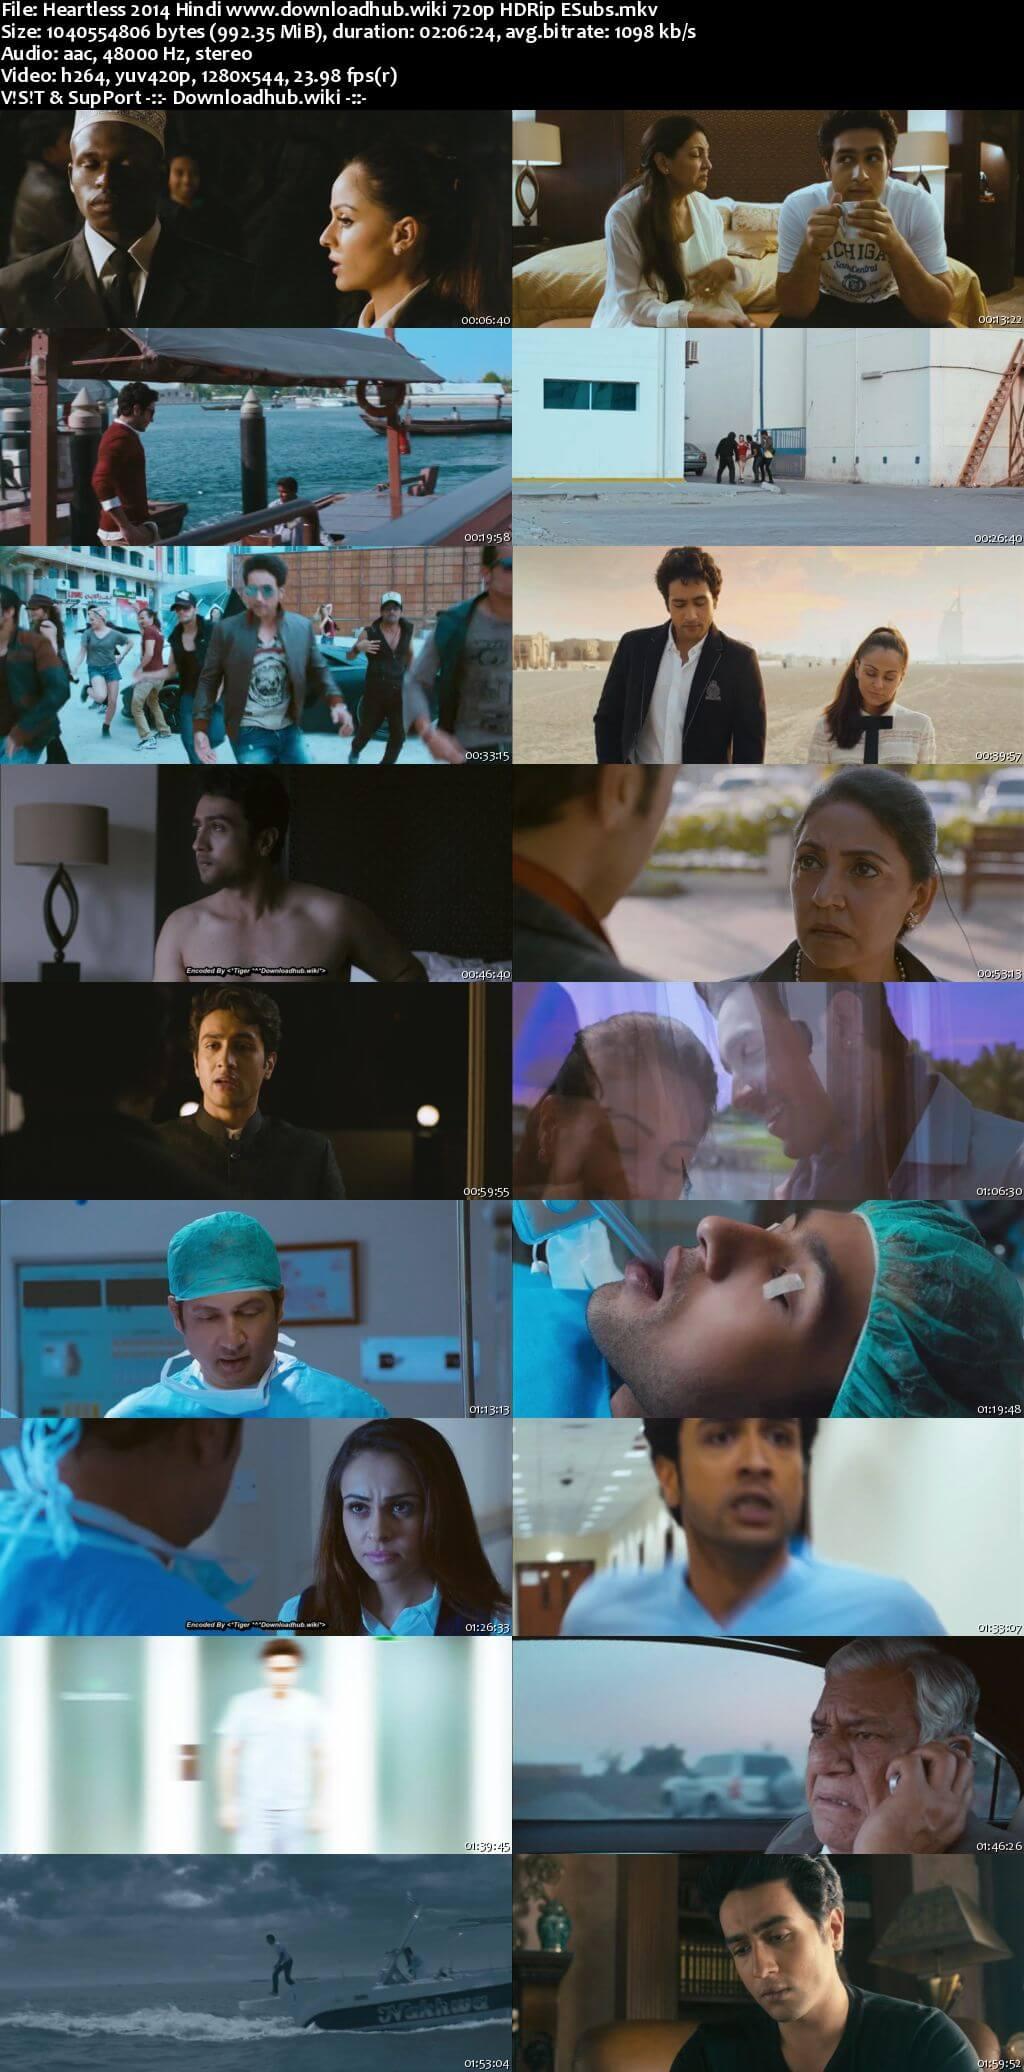 Heartless 2014 Hindi 720p HDRip ESubs